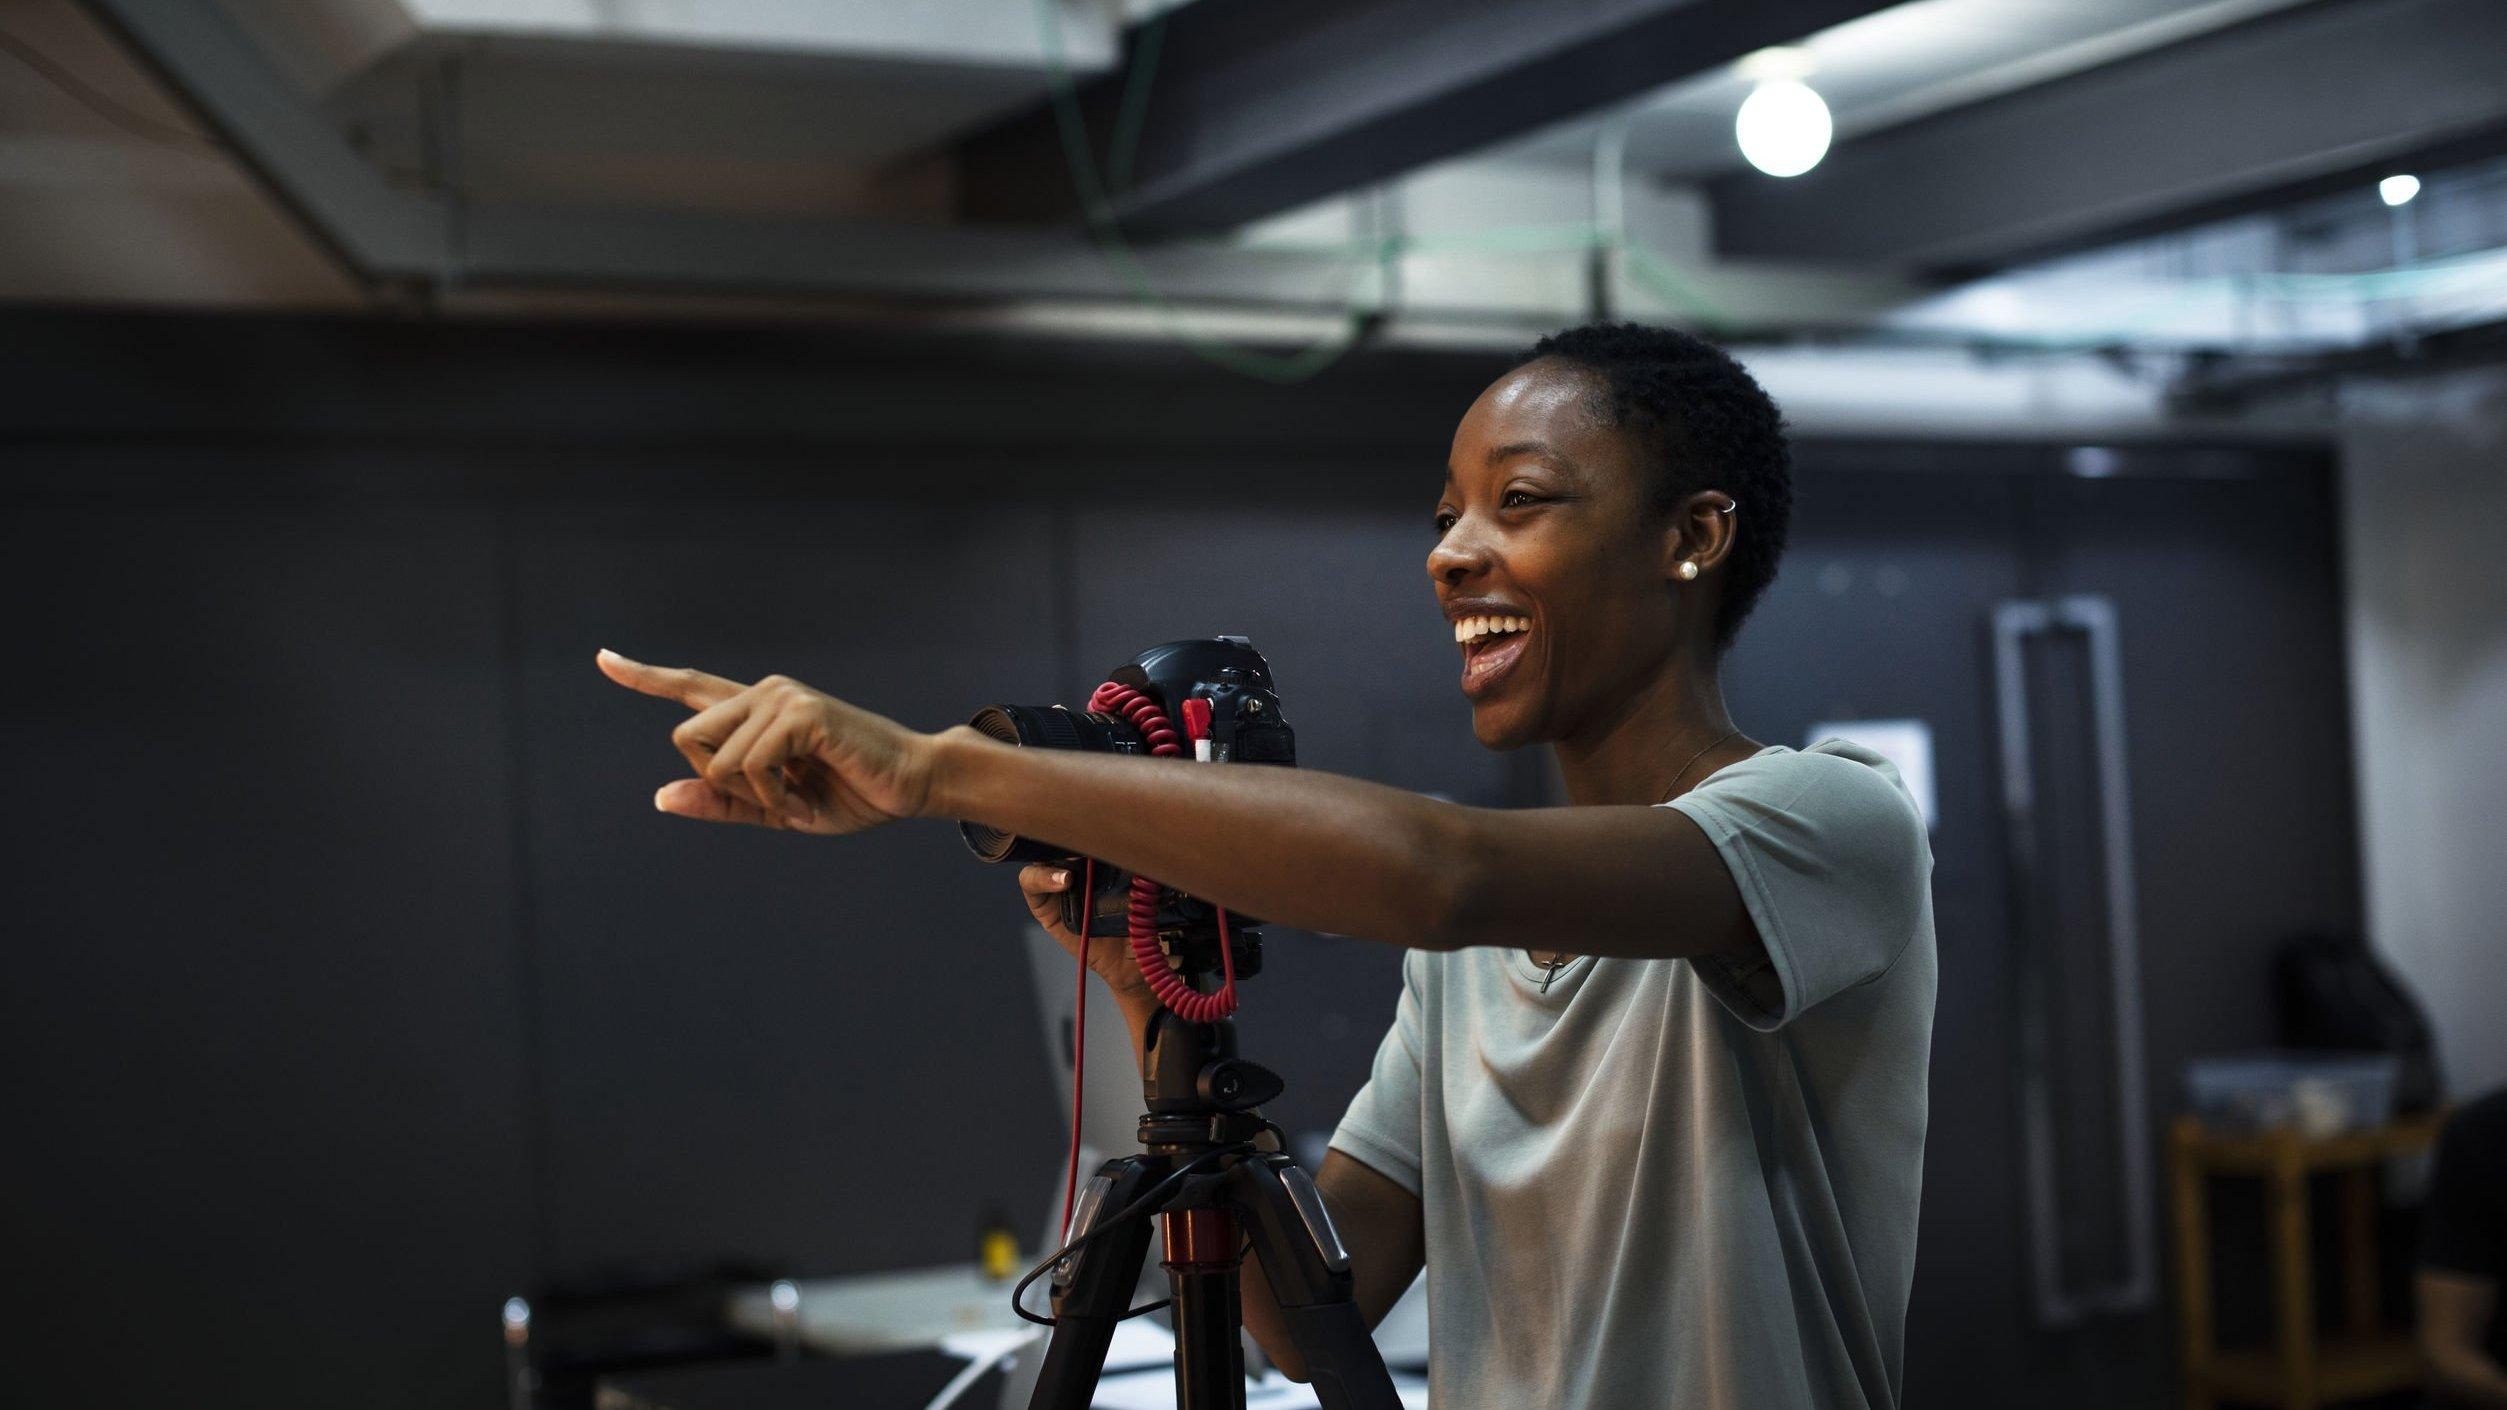 Mulher negra atrás de uma câmera, com o braço esquerdo apontado para frente, e expressão sorridente.